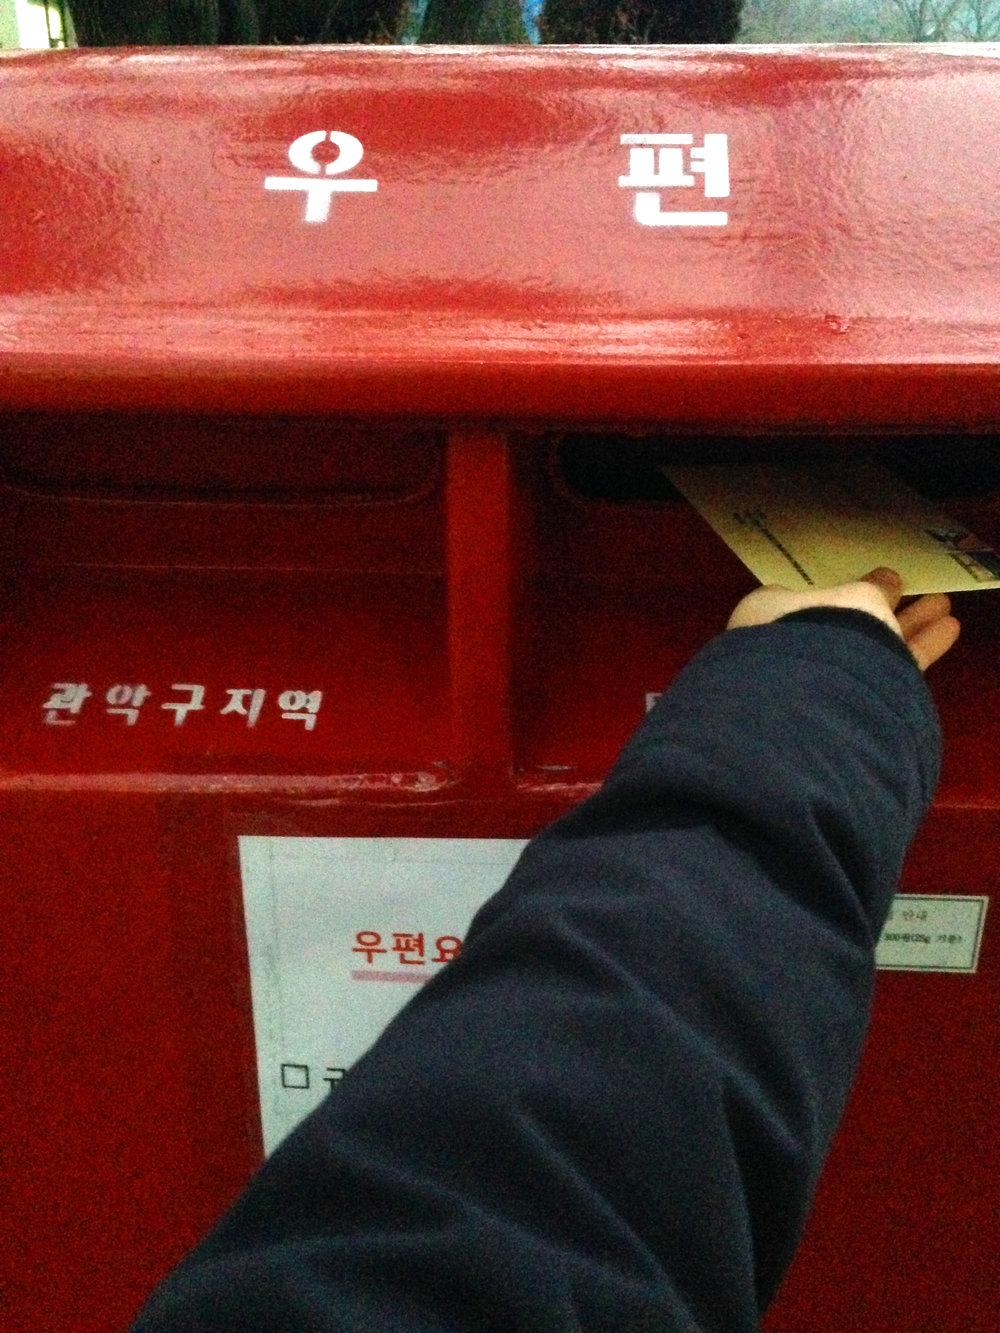 서울대 우체국 앞 우체통에 넣기.jpg